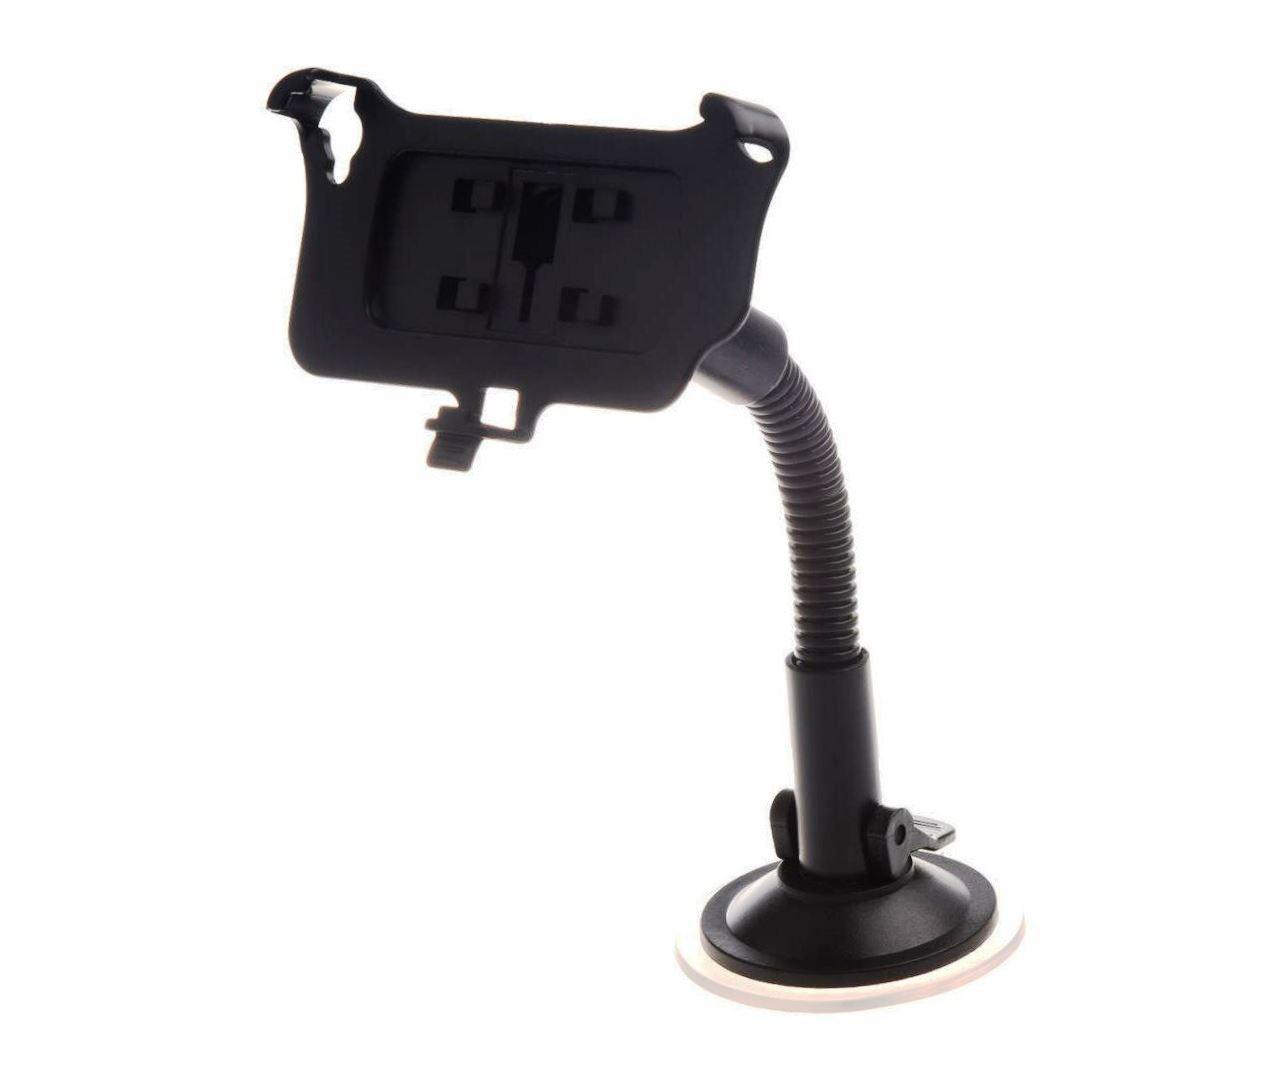 Держатель телескопический AVS S2191-A для Iphone 4G